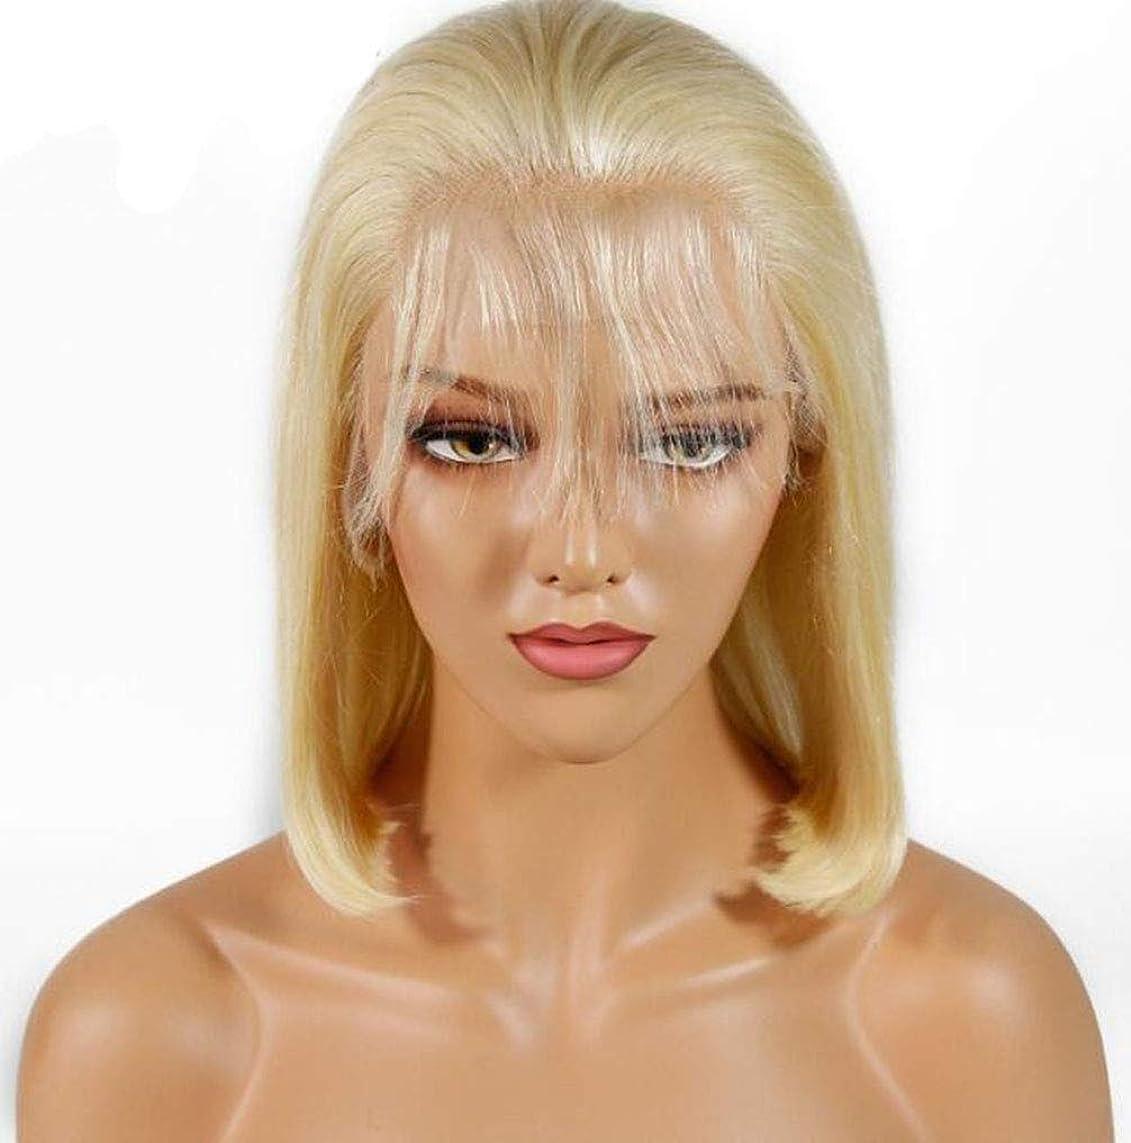 いつでも光沢引き出しかつらかつらブロンドプリ撥ヘアライングルーレスショートボブ夏輝くレースフロント人間の髪の毛ブラジルのバージンヘア 130% 密度,10inch